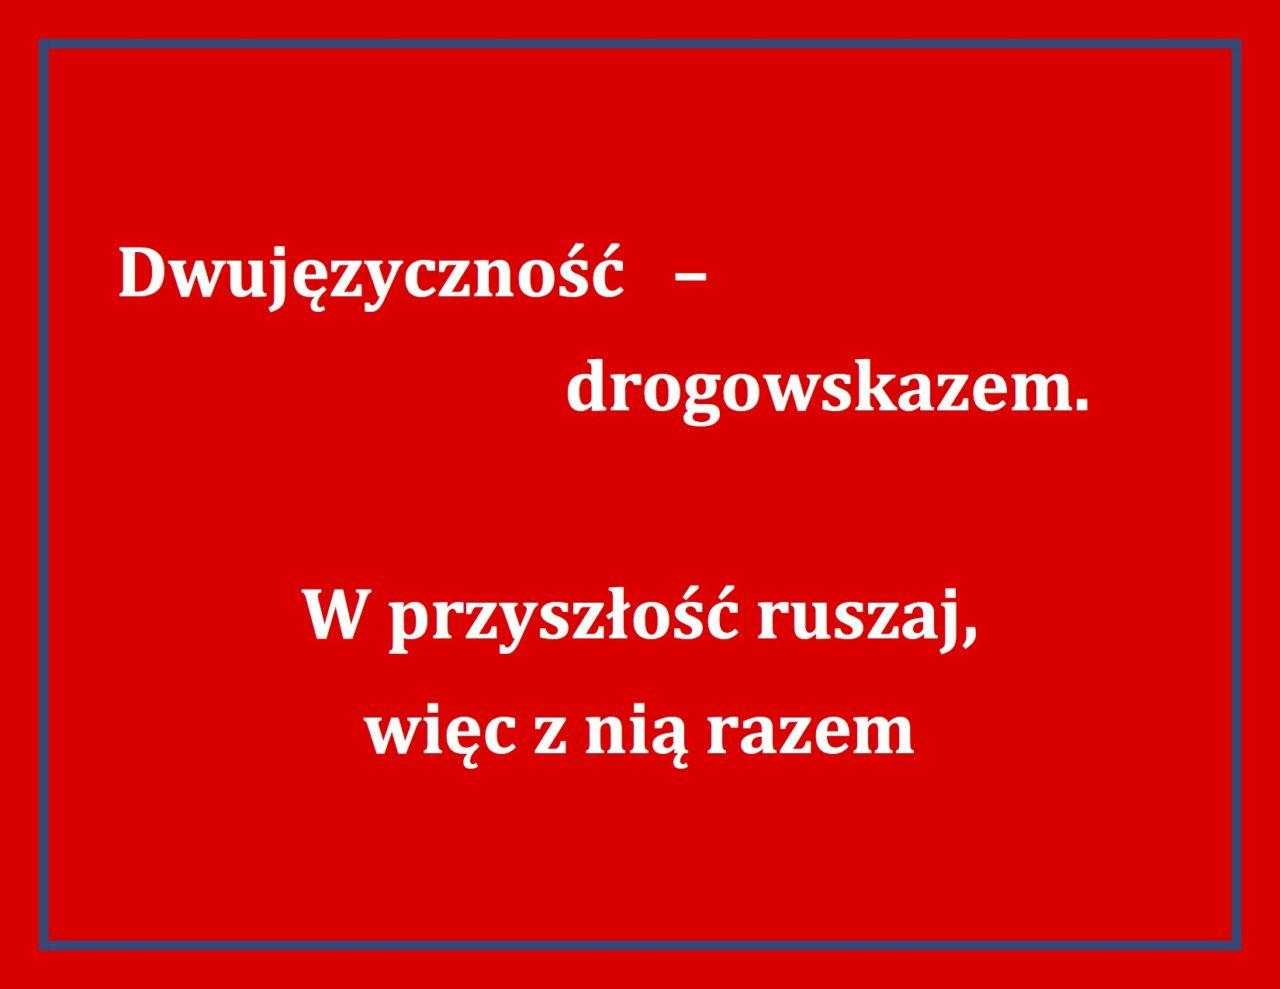 Hasła Promujące Dwujęzyczność Polonijny Dzień Dwujęzyczności